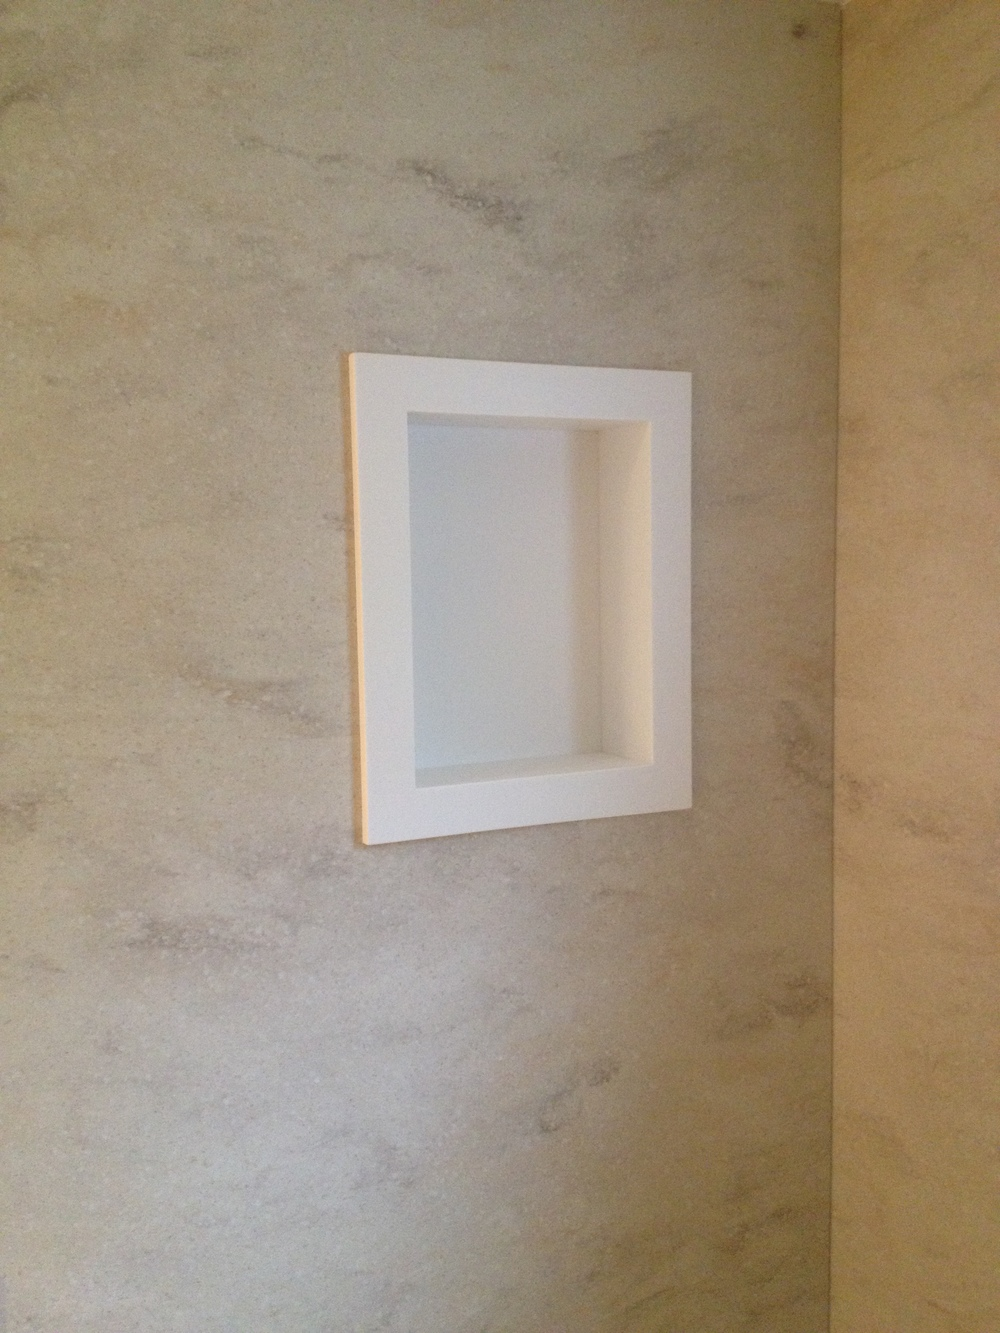 Custom Corian Shower Wall Surround, Shower Seat, And Thresholds   Before